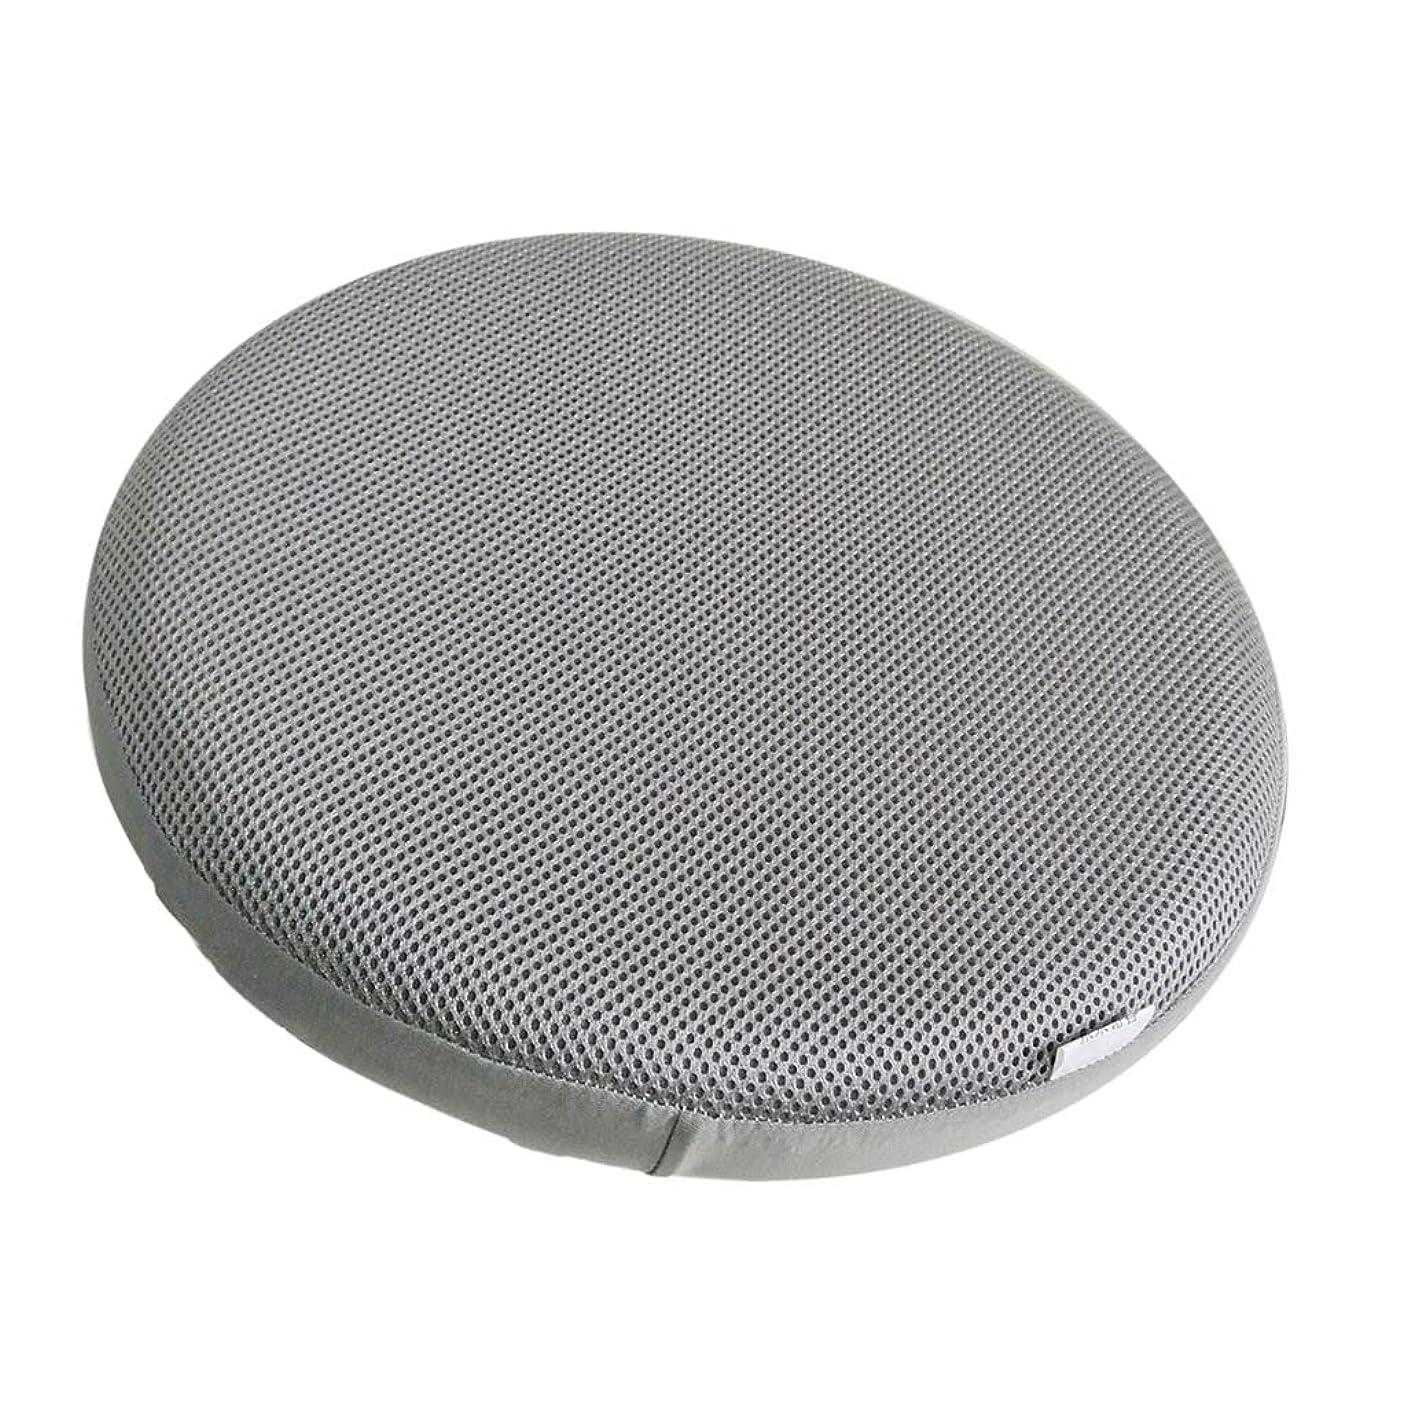 代替身元メタルラインF Fityle 全7色4サイズ 取り付け簡単 スツールカバー 座布団カバー 丸椅子カバー ラウンド 高級感 - グレー, 35cm